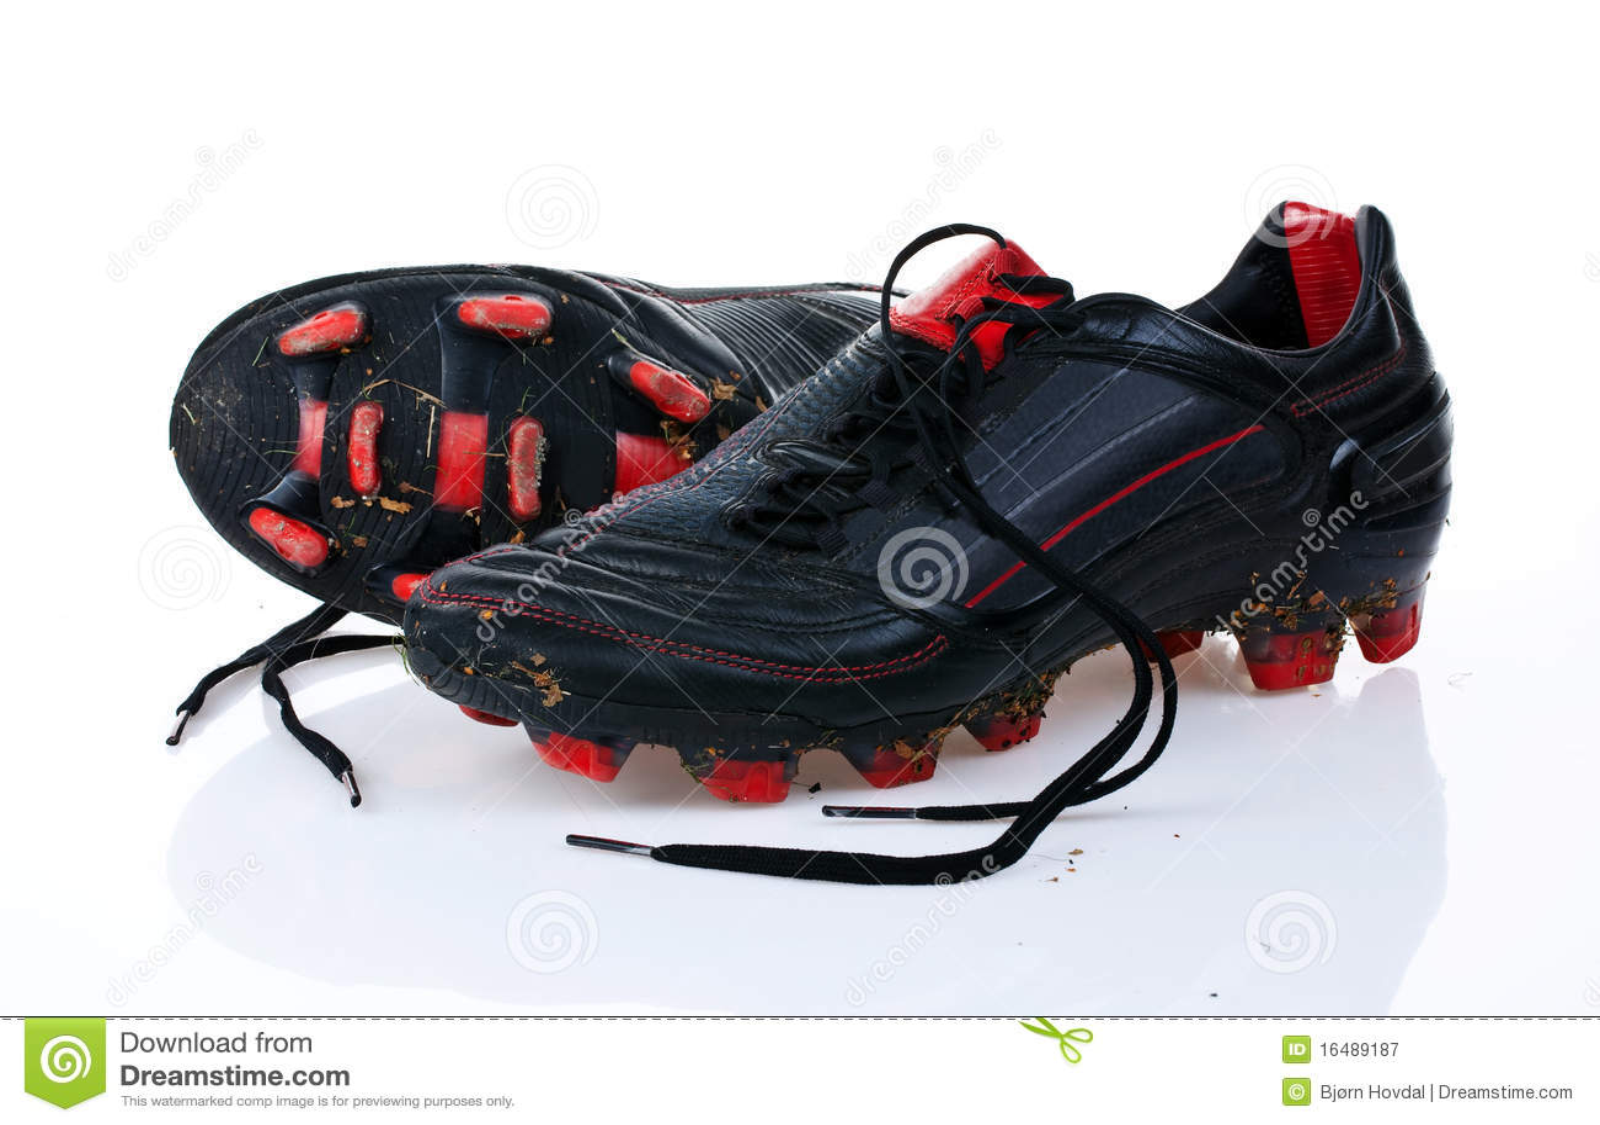 3ff5a21759350 Zapatos del fútbol imagen de archivo. Imagen de calzado - 16489187